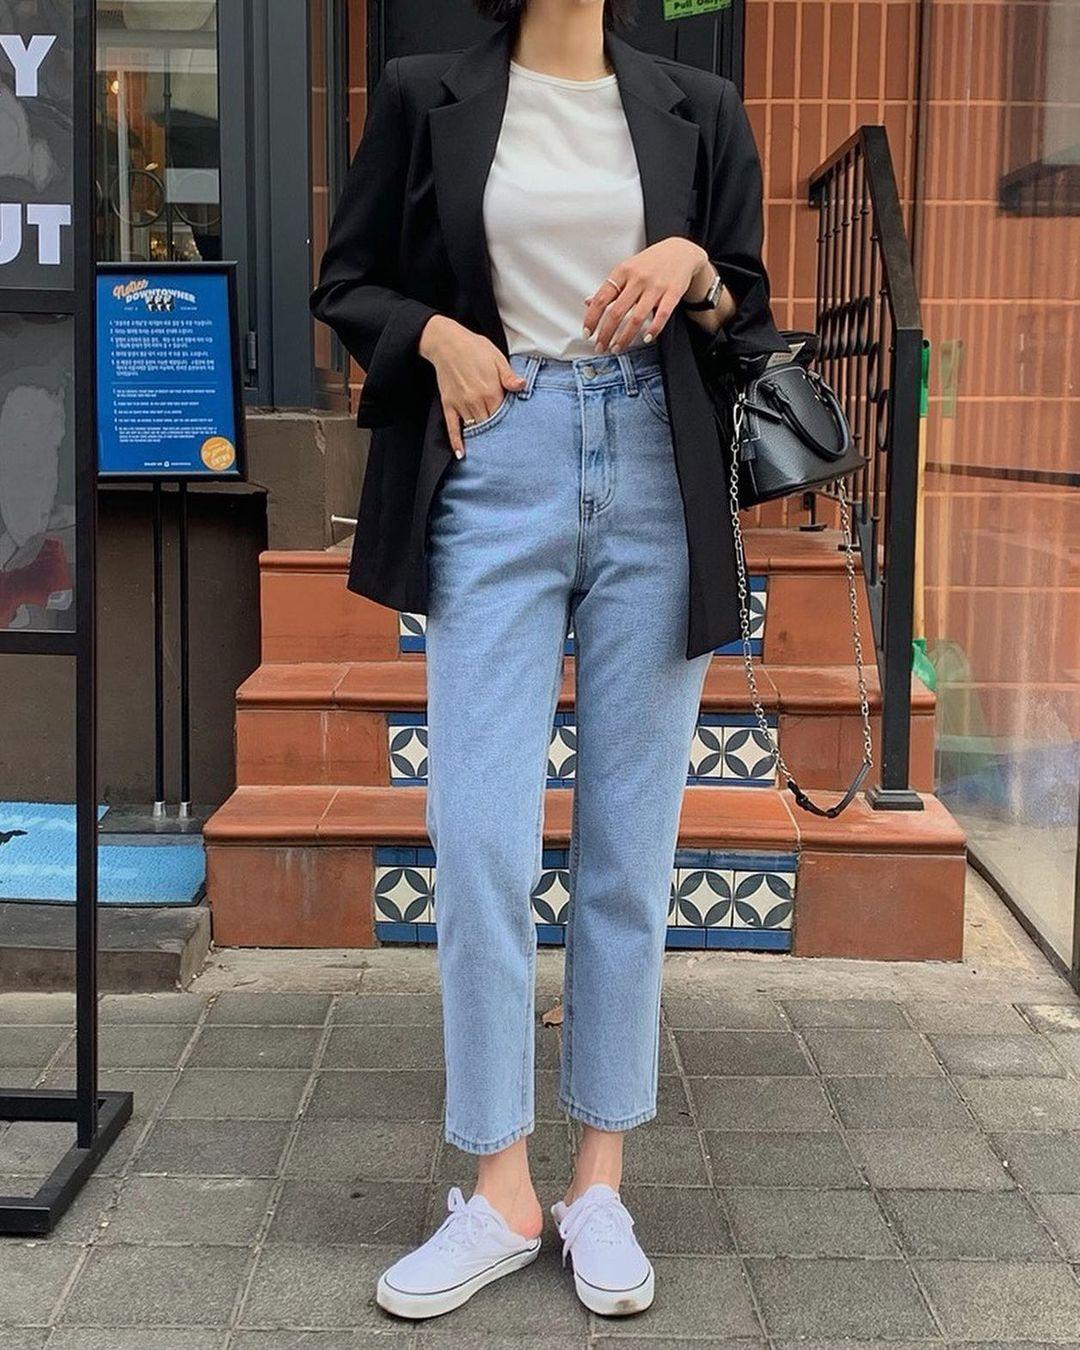 4 kiểu quần jeans dân sành điệu sẽ diện liên tục trong năm 2021